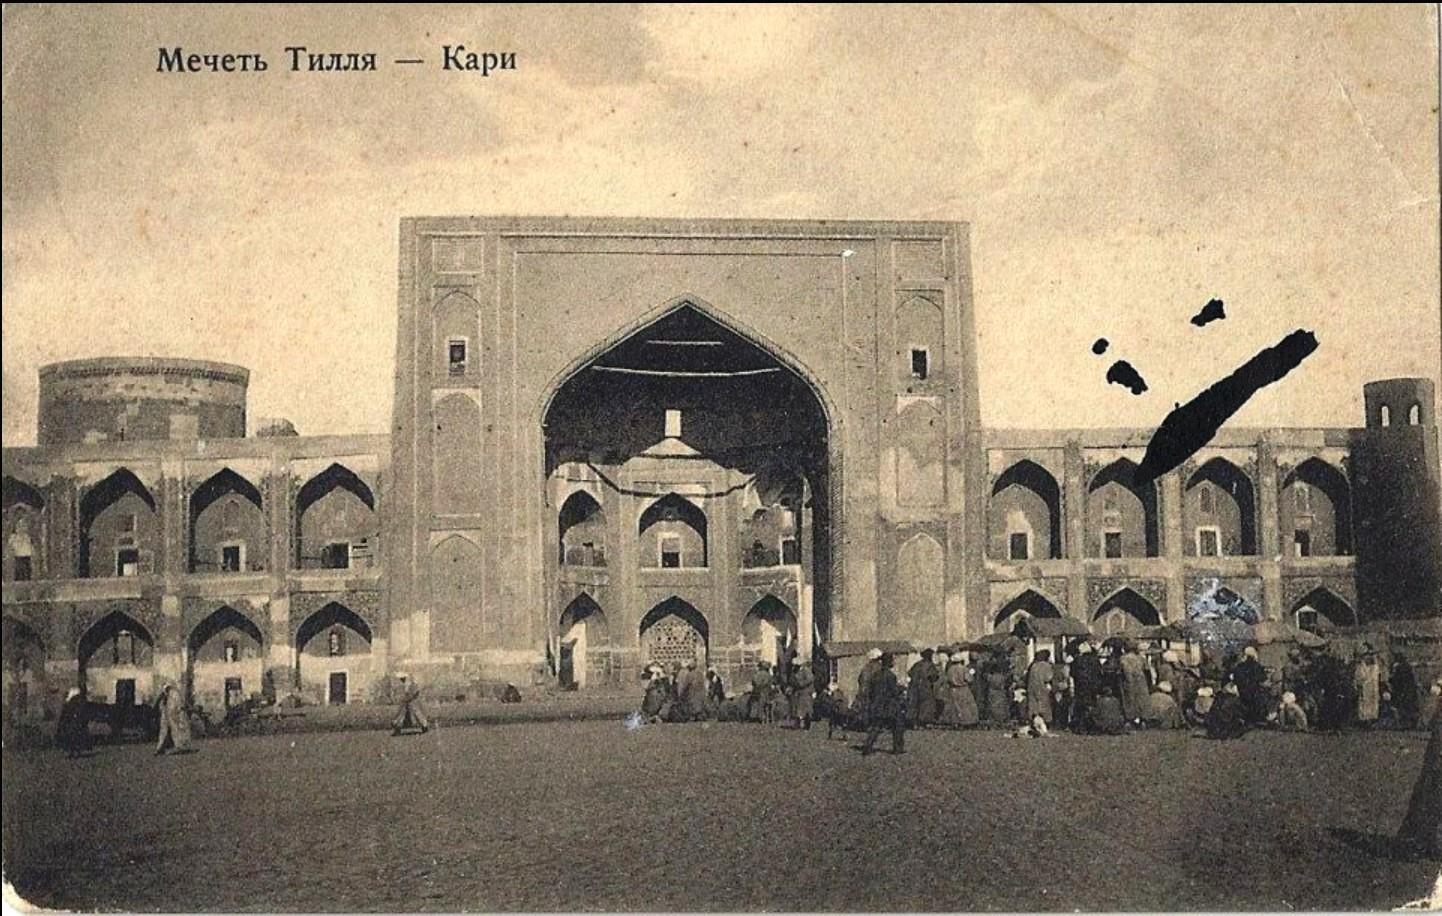 Мечеть Тилля-Кари